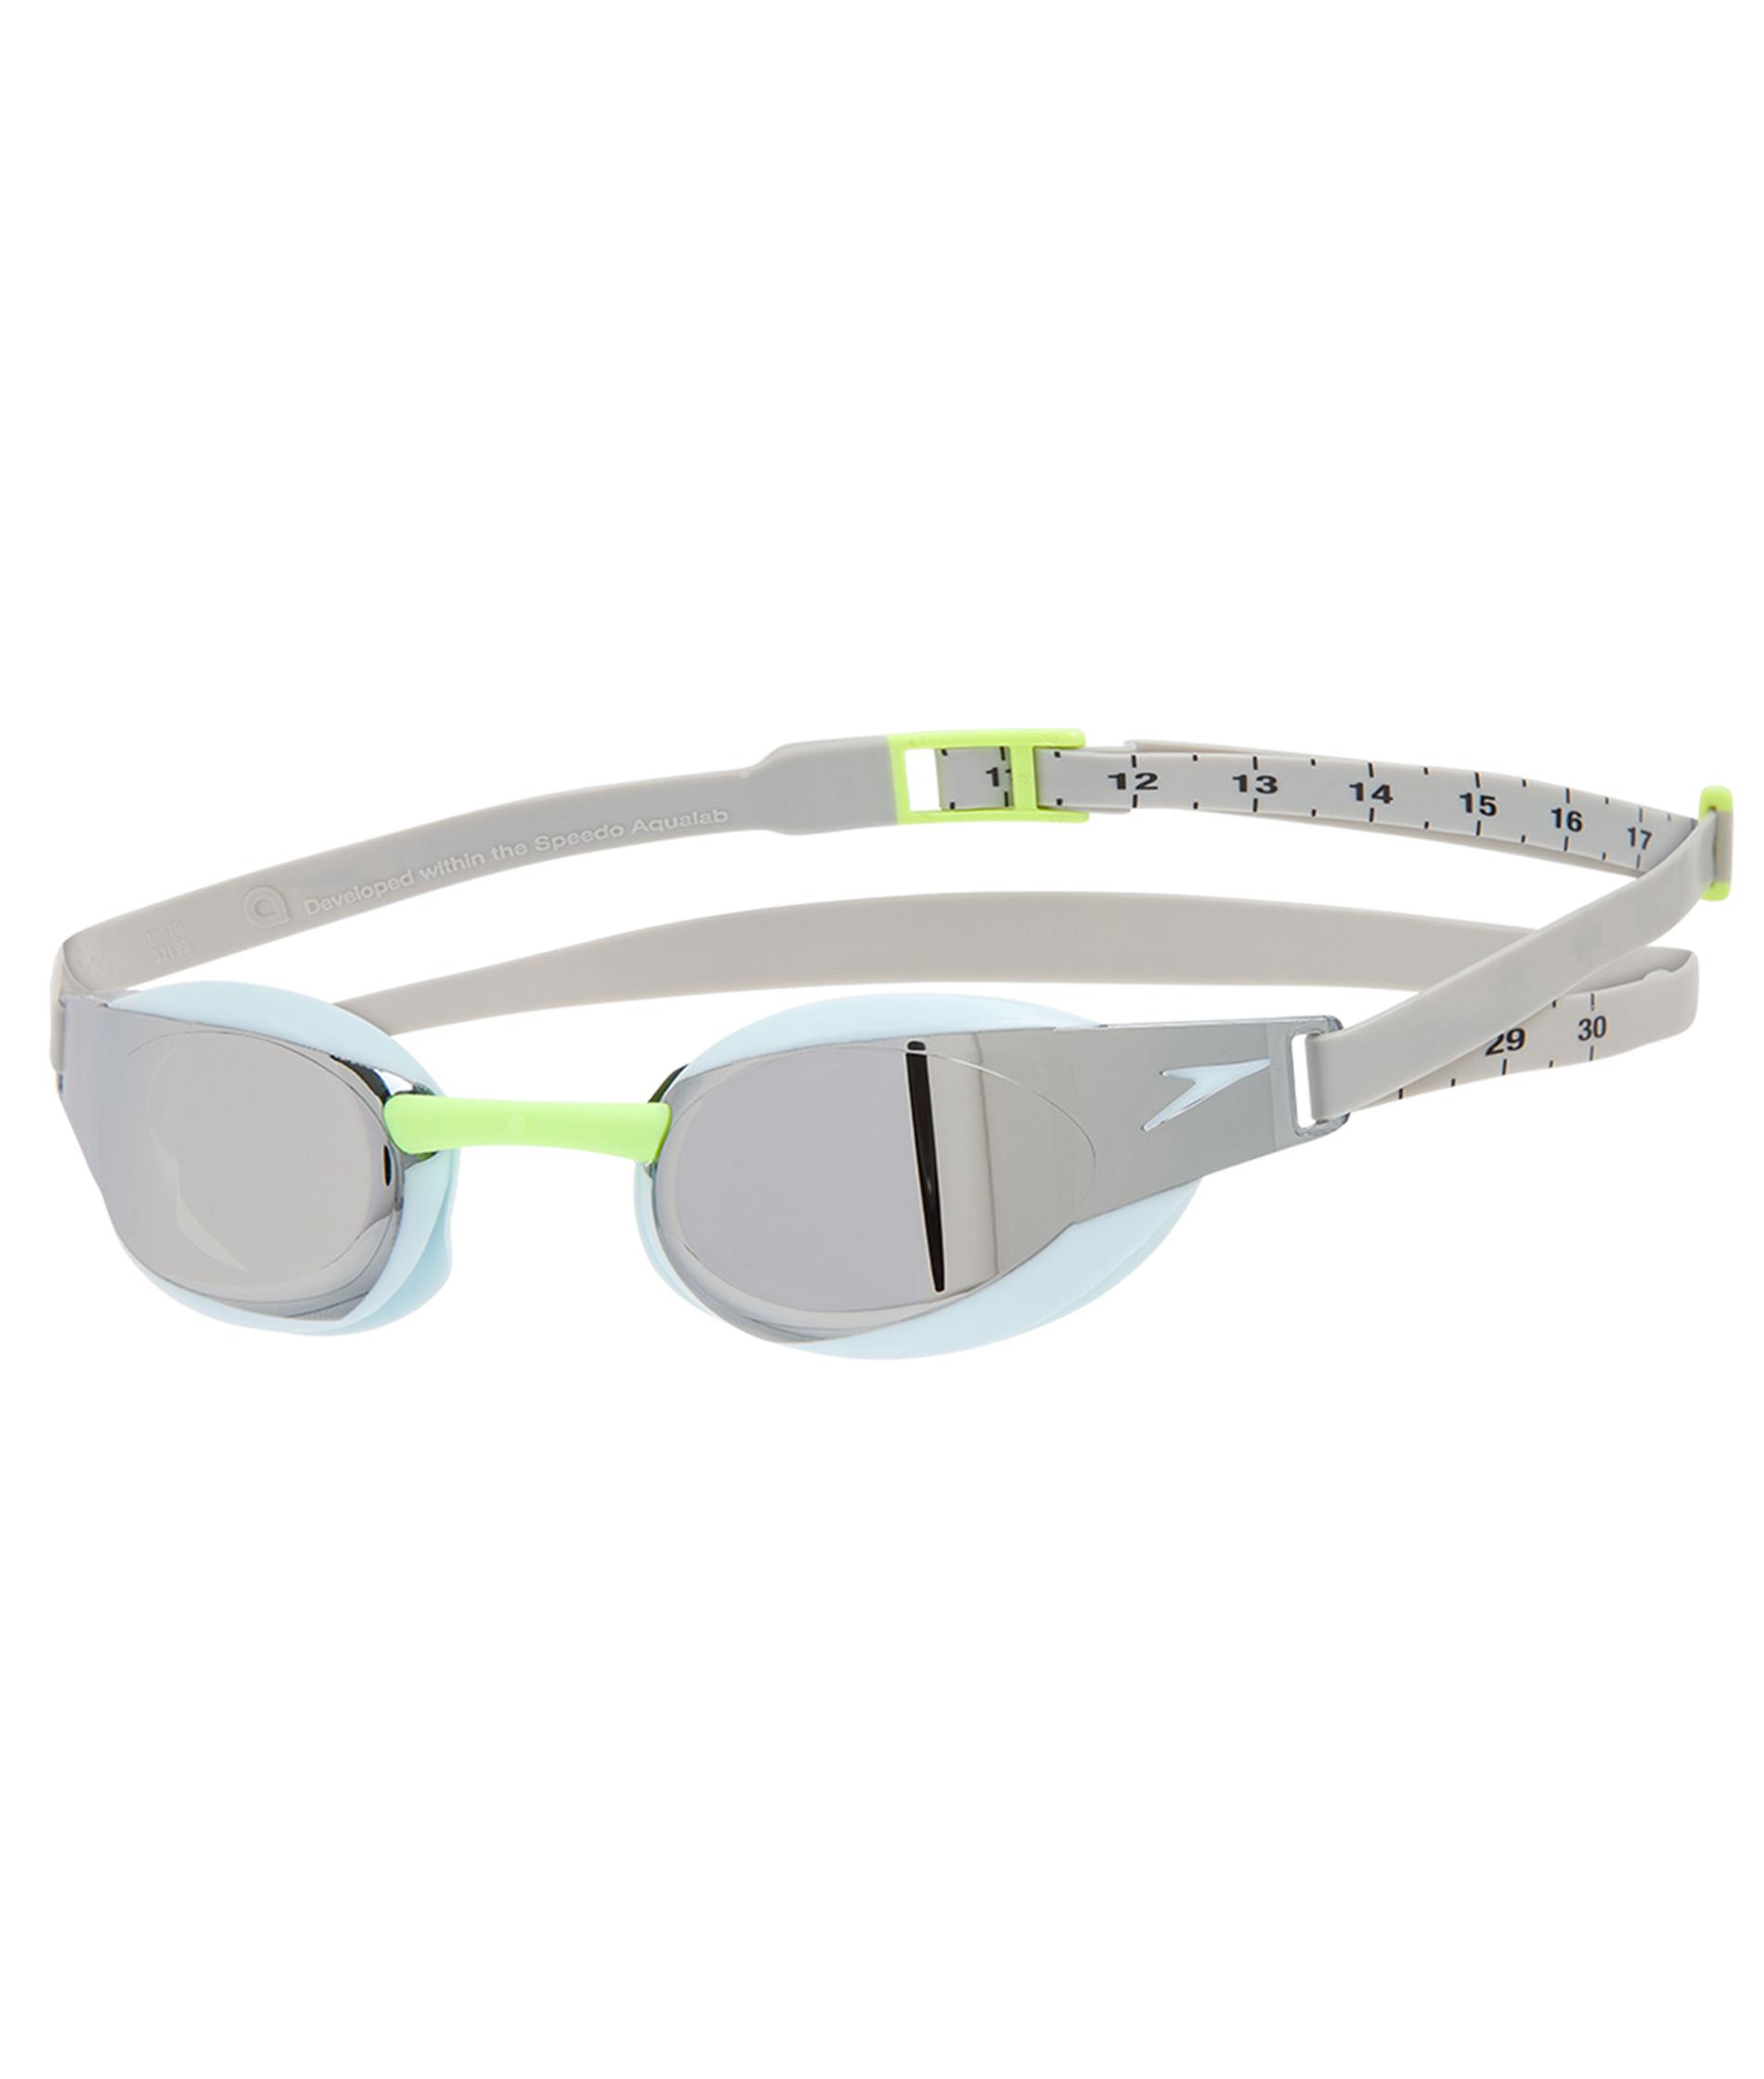 Speedo Fastskin Elite Mirror Goggle - Blue/Silver